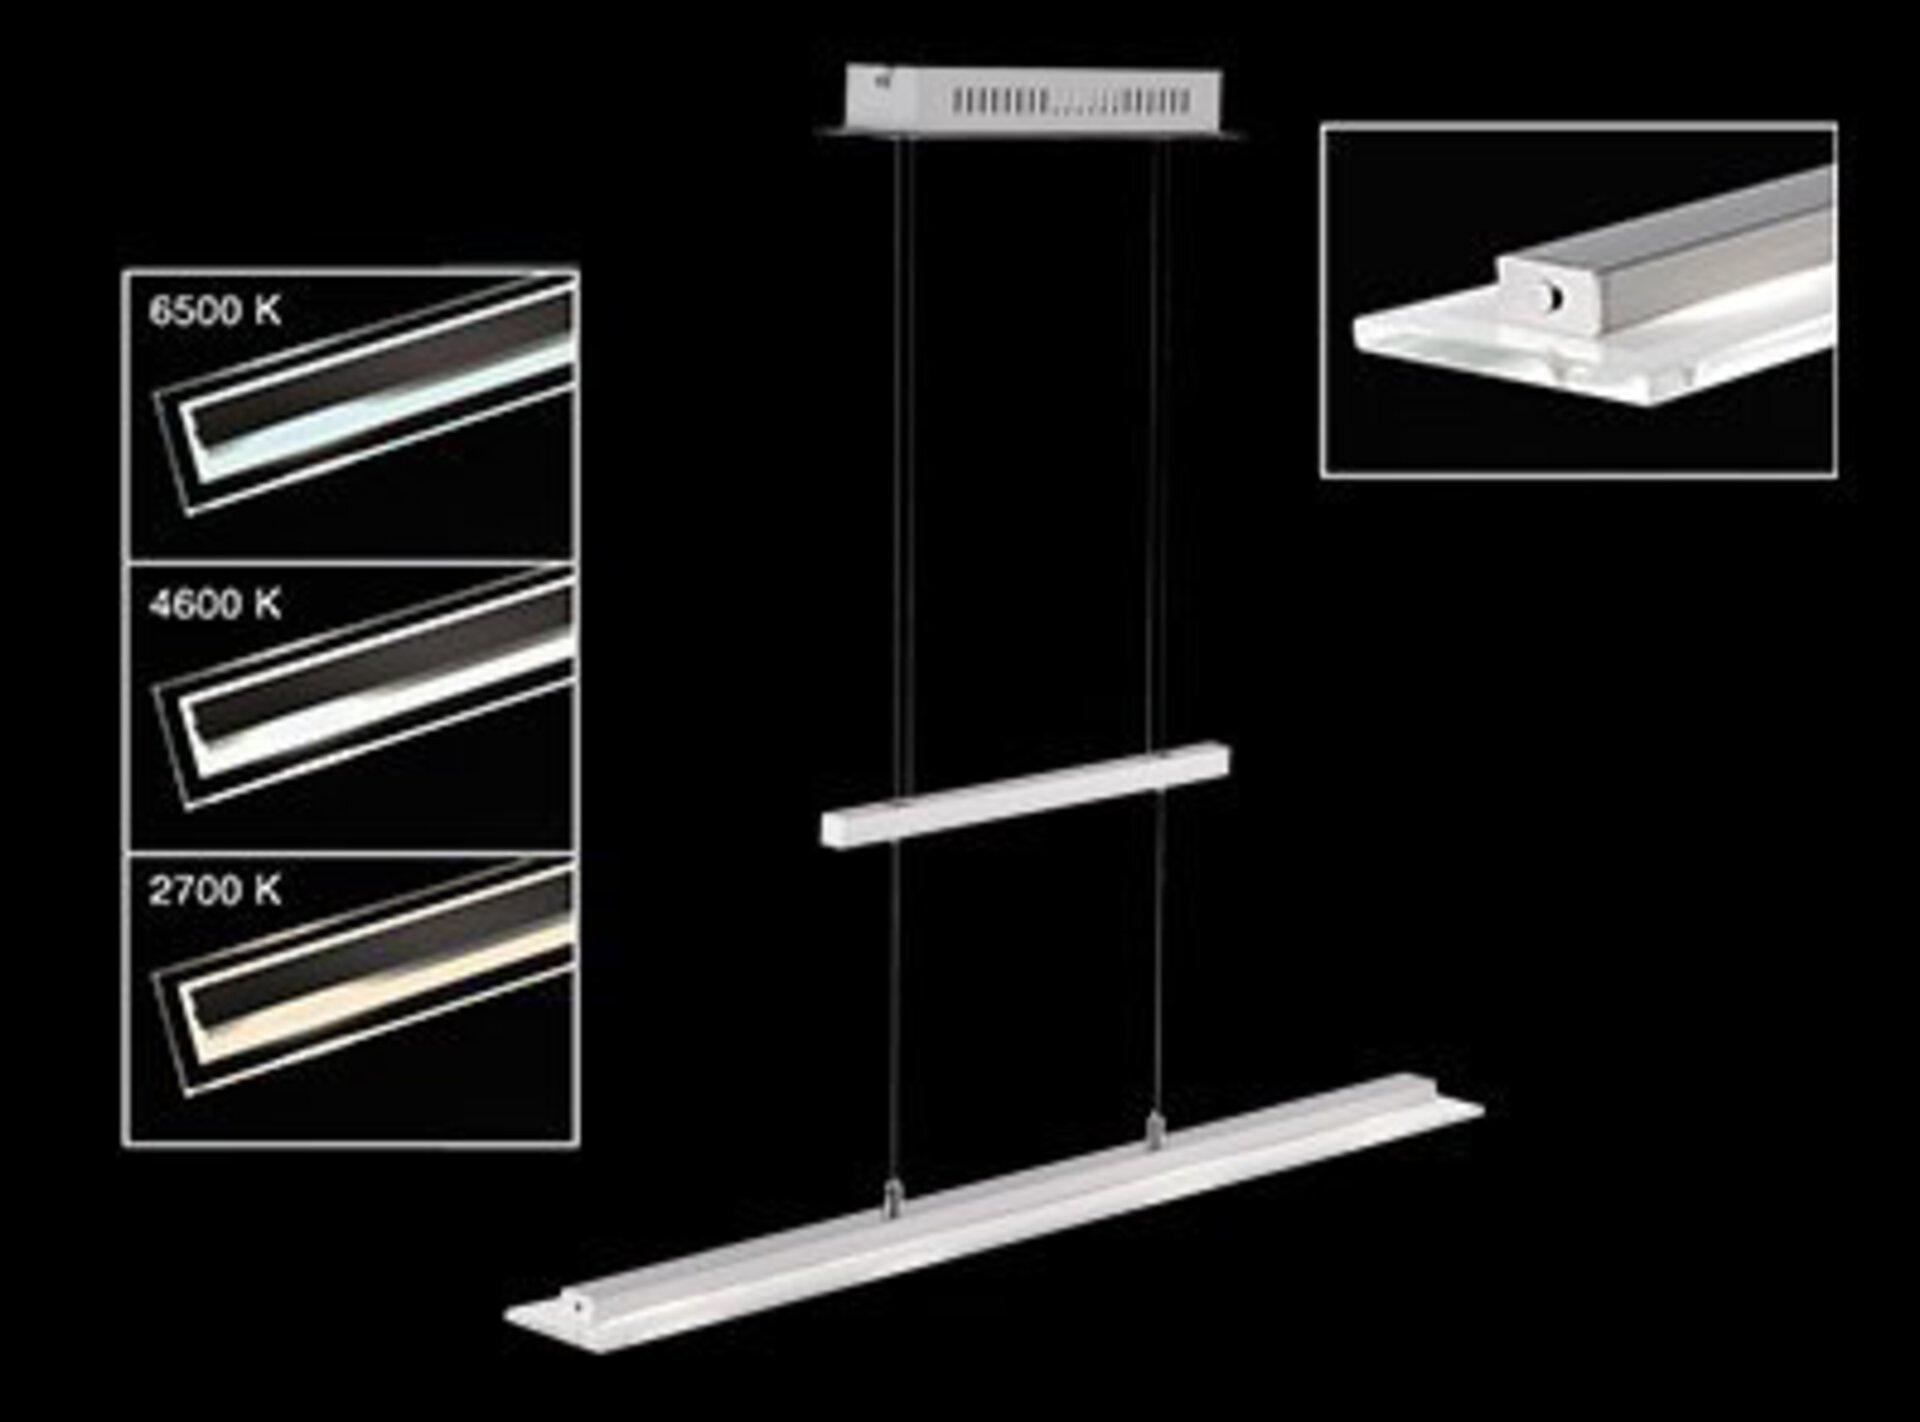 Hängeleuchte Tenso TW Fischer-Honsel Metall silber 9 x 150 x 64 cm